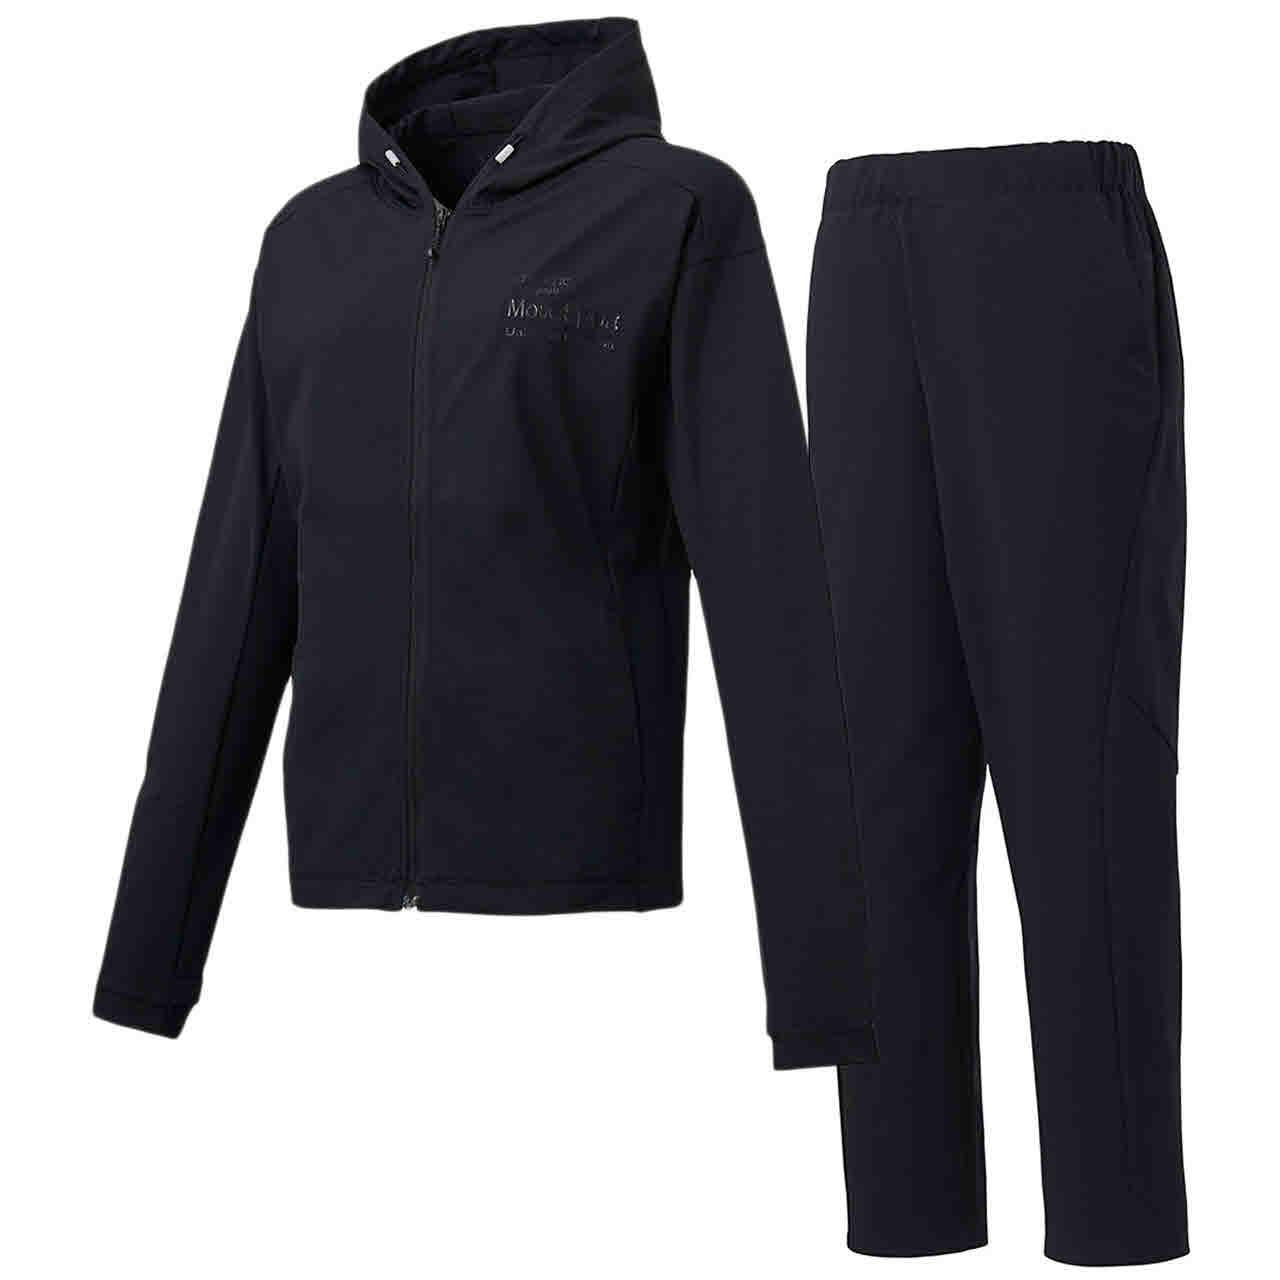 デサント DESCENTE レディース サンスクリーン フルジップシャツパーカー&ロングパンツ上下セット ブラック